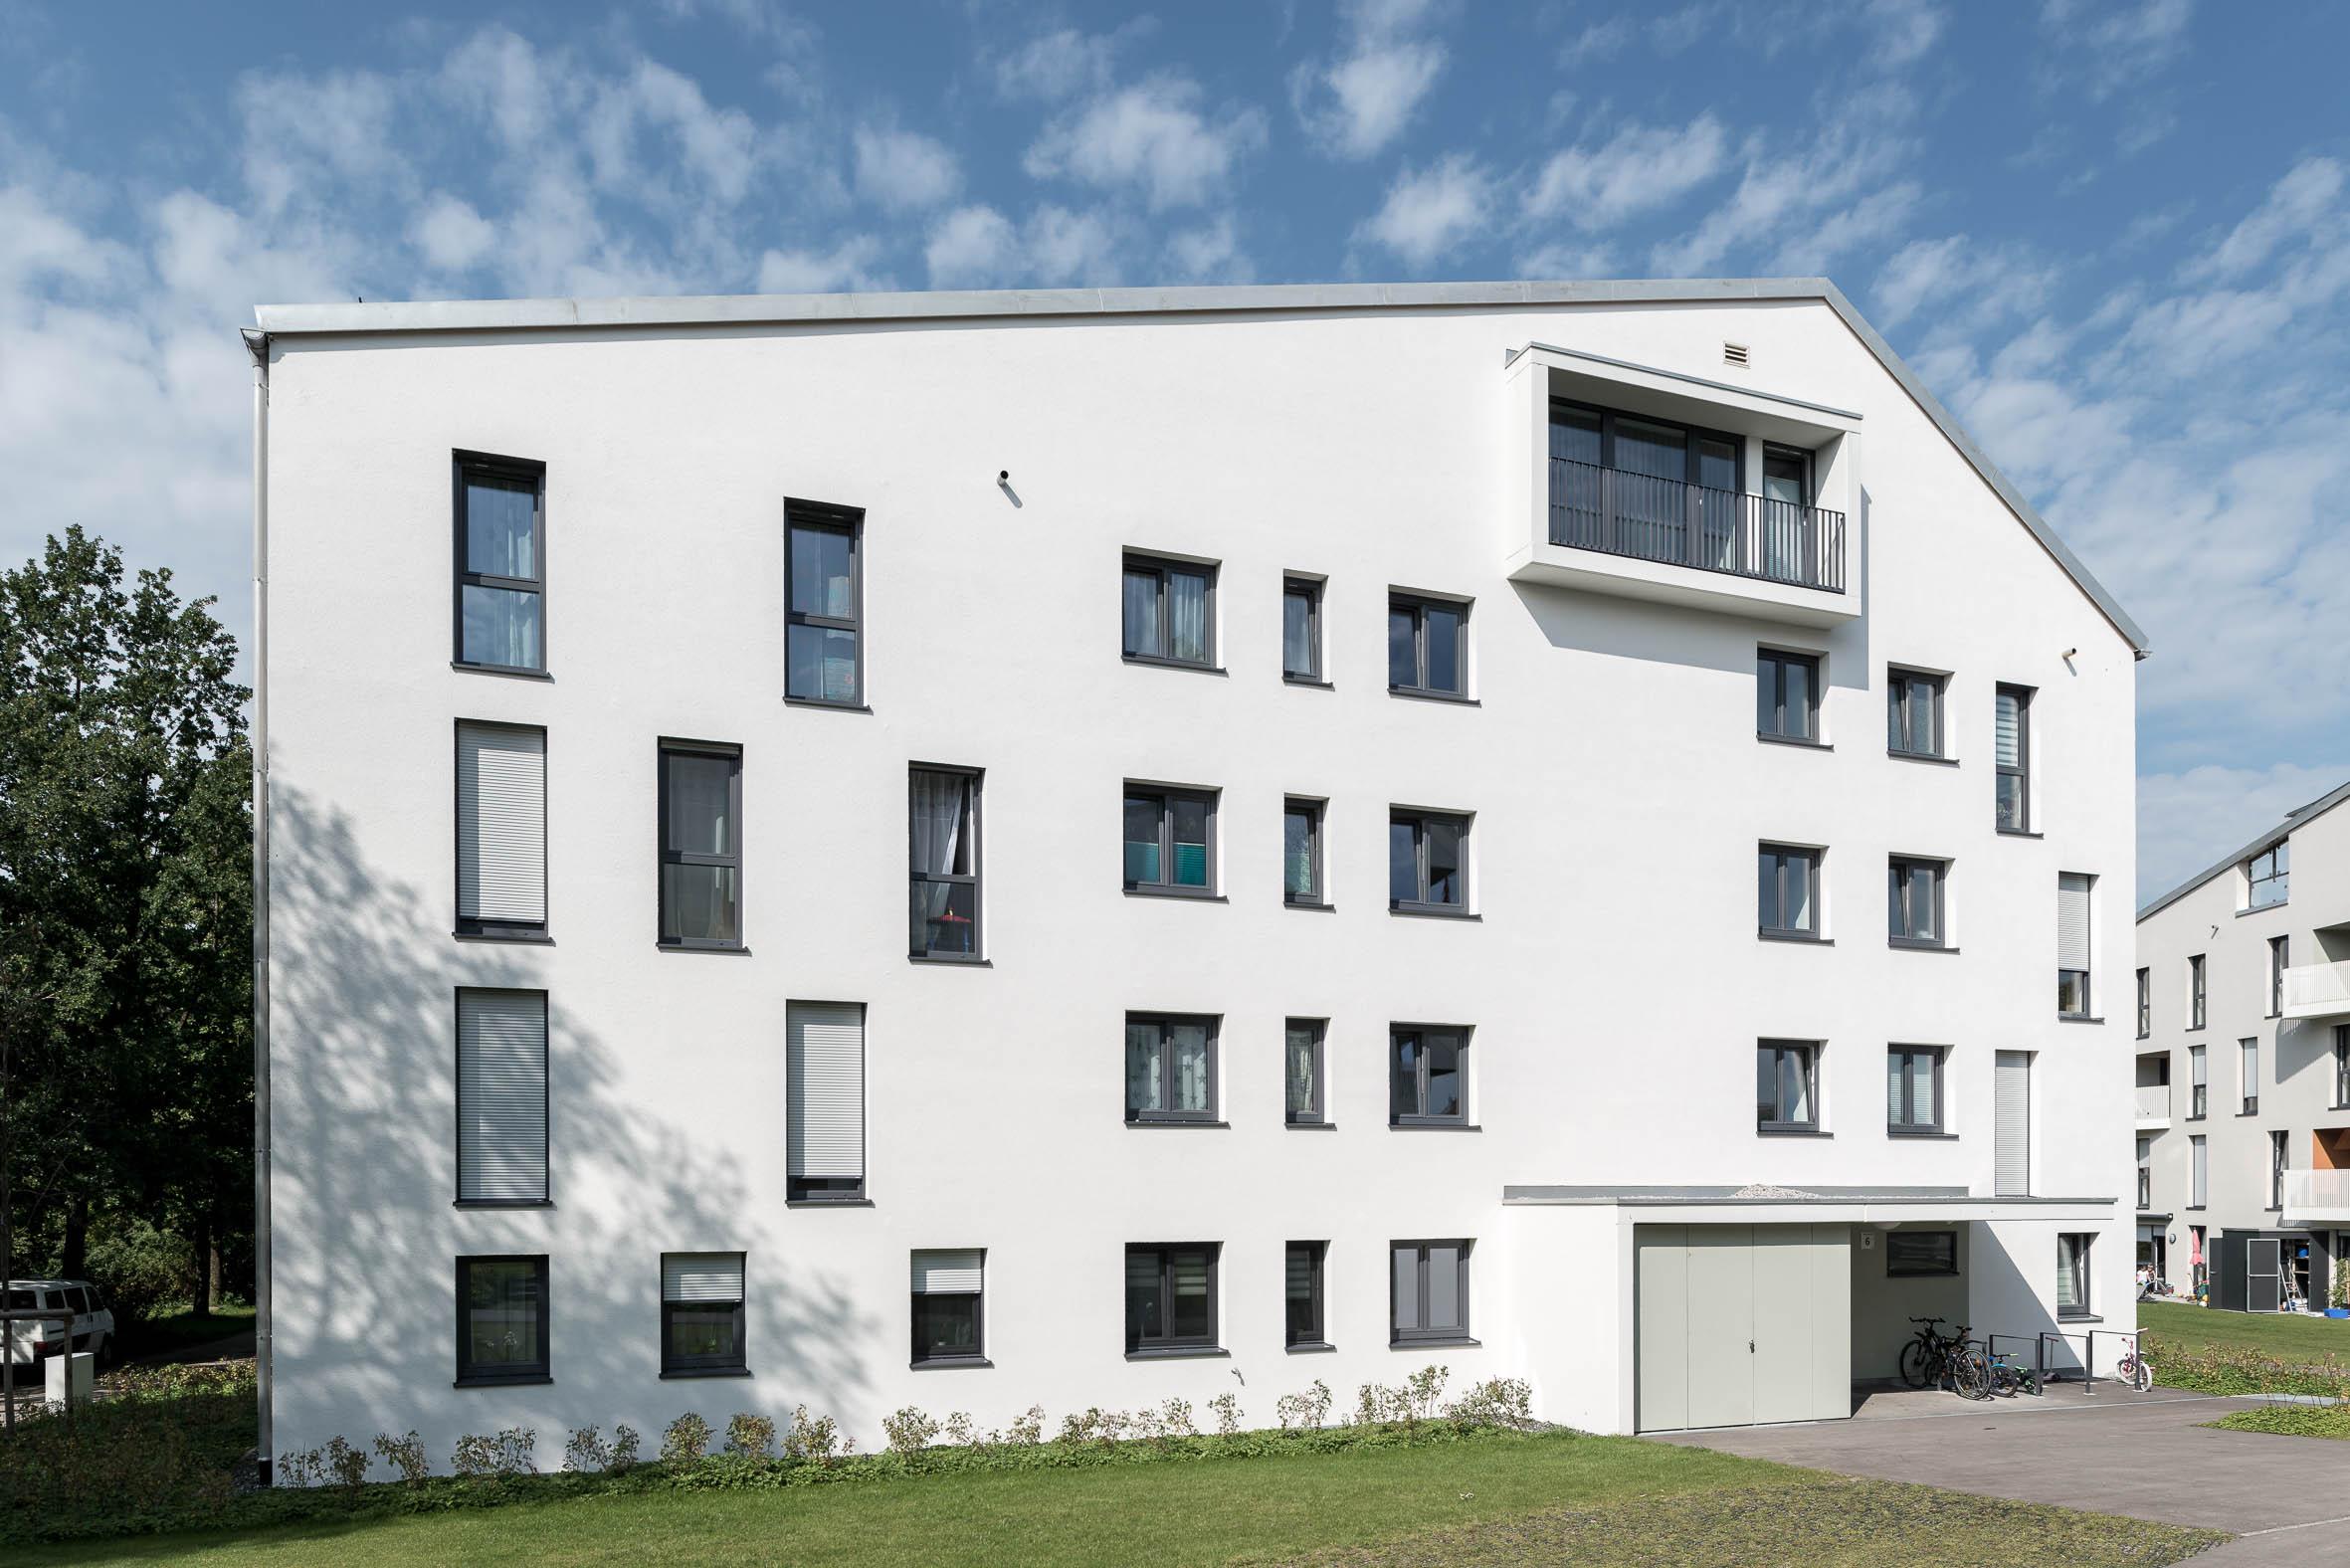 Architekturfotografie Wohnbebauung Ludwigshöhe Kempten